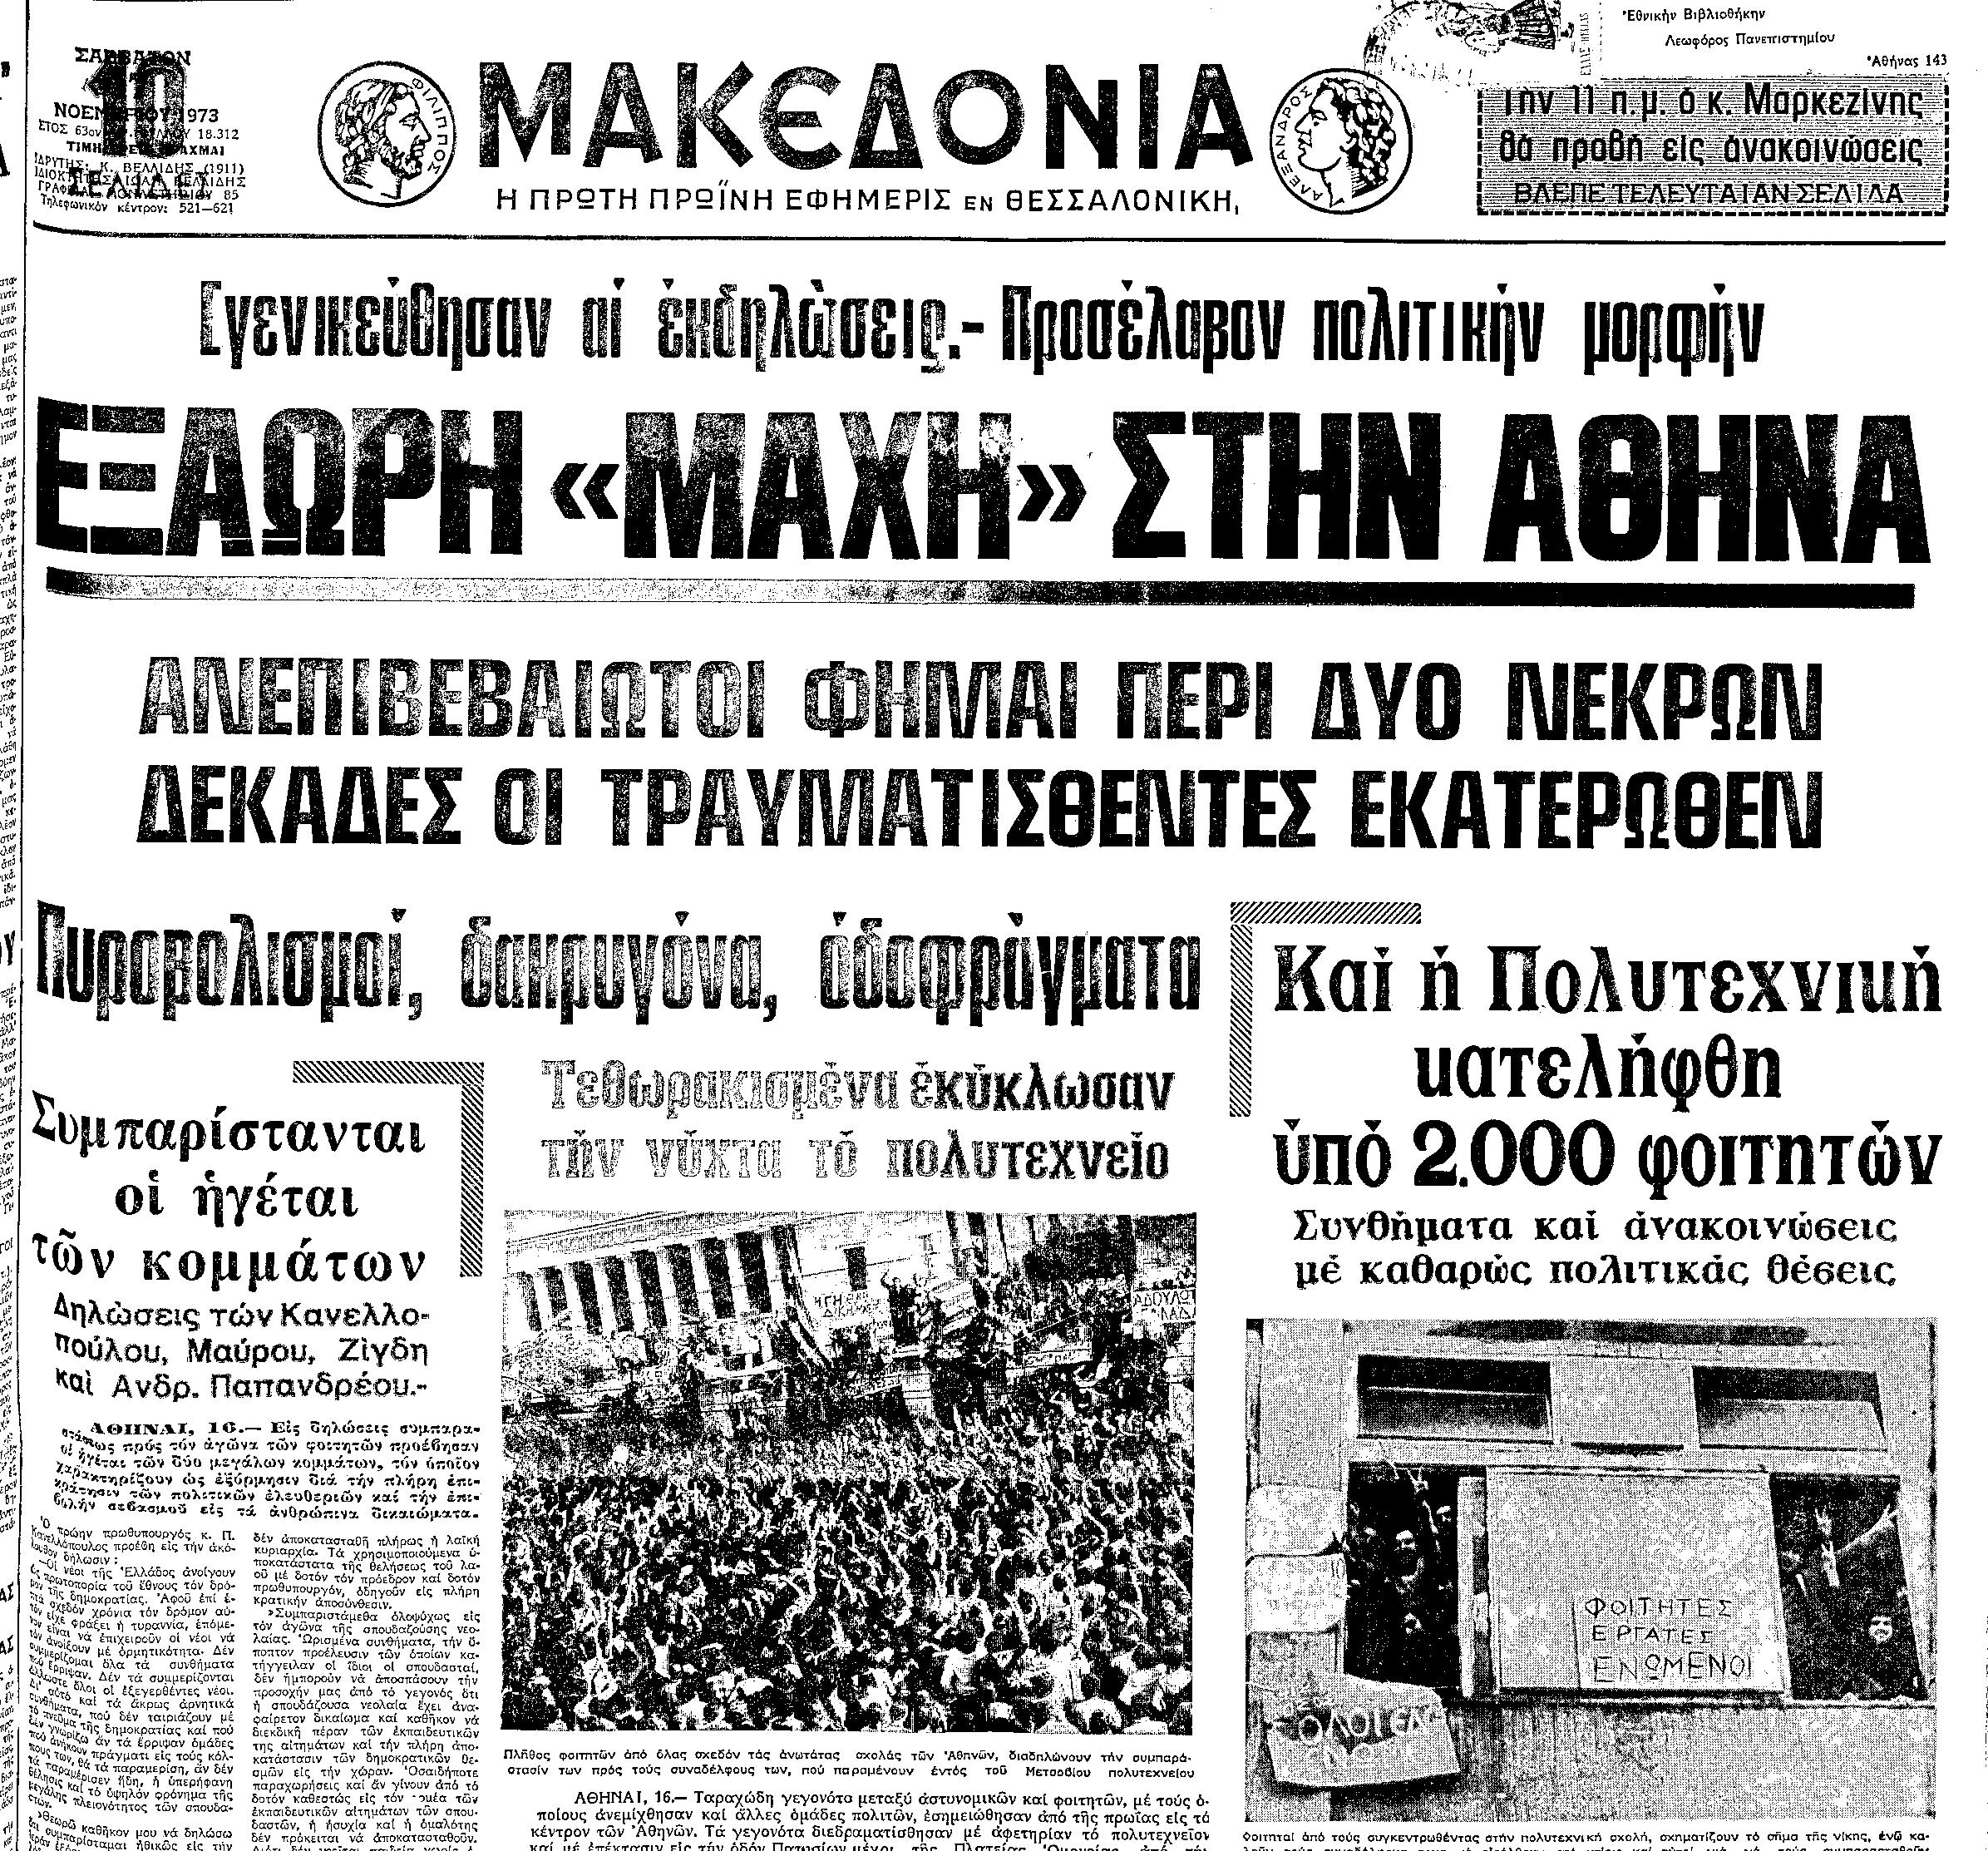 «Ας σταθώμεν και ας αντιμετωπίσωμεν την αναρχίζουσαν ολιγαρχίαν εις τον χώρον της πατρίδος μας» : Η ΦΕΑΠΘ και το Πολυτεχνείο Θεσσαλονίκης το 1973…